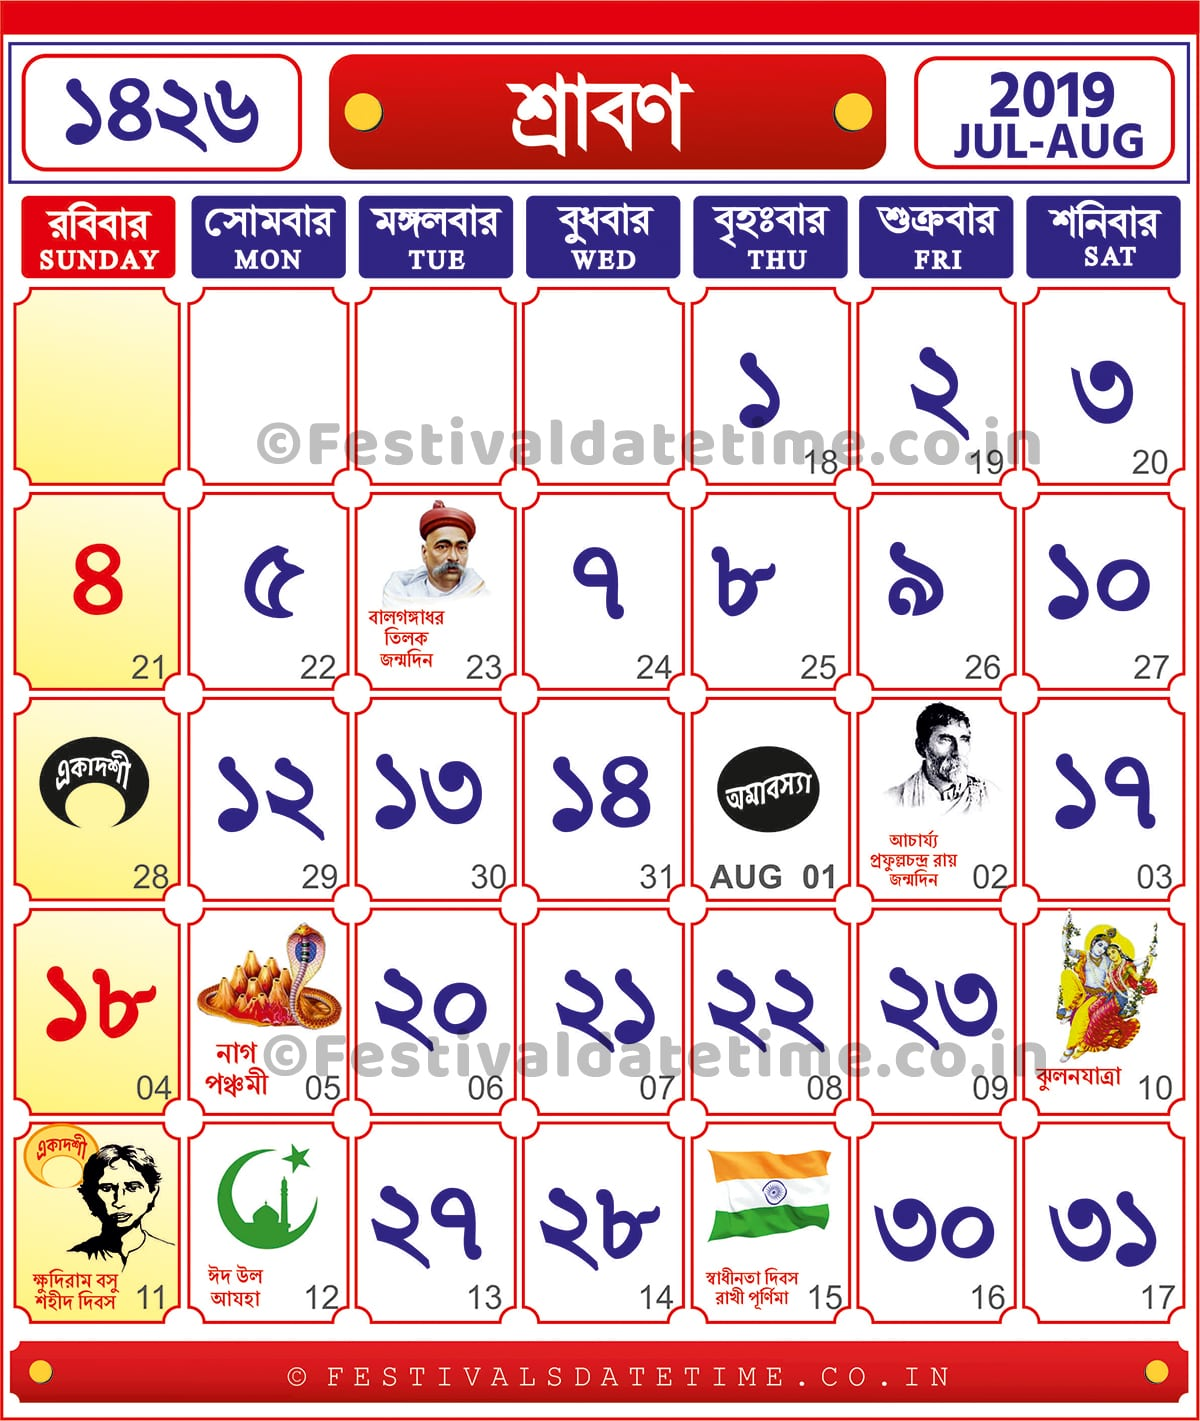 1426 Shraban : 1426 Bengali Calendar, Bengali Calendar 2019-2020 & 2021